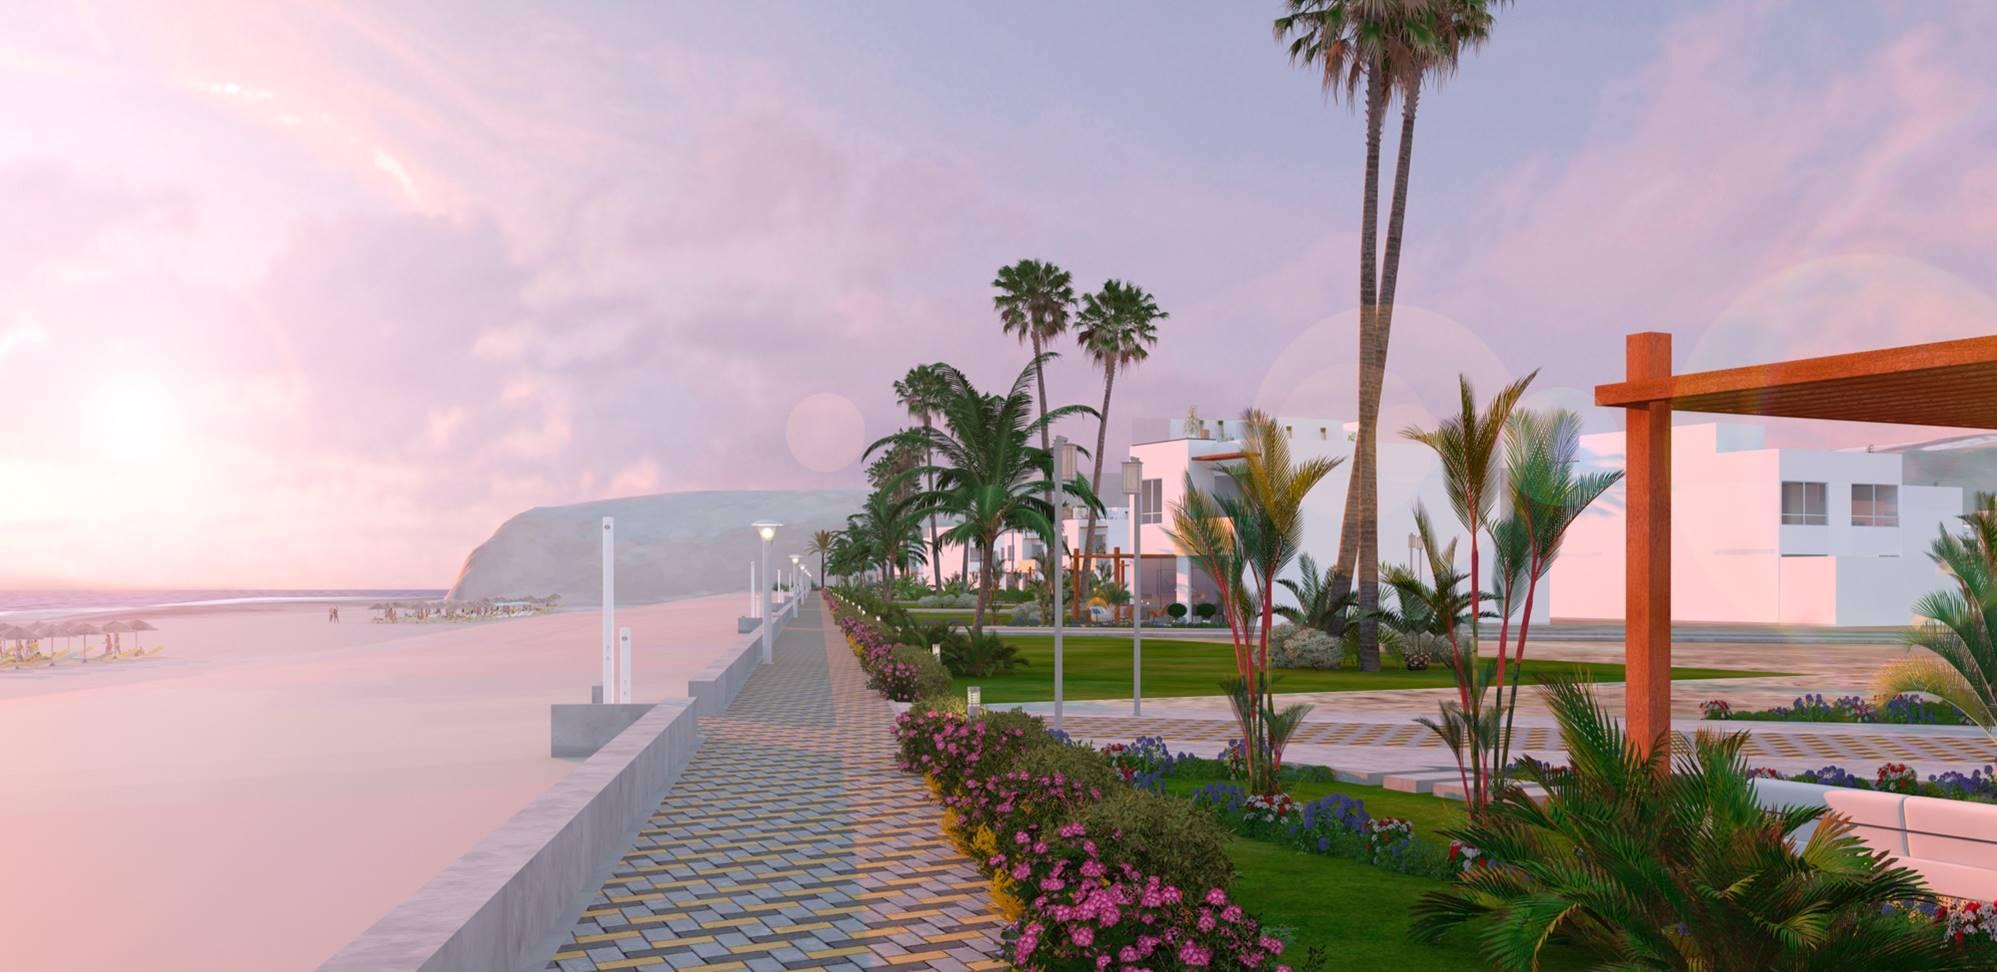 Menorca invertirá US$ 15 millones en desarrollar condominio de playa en Arequipa